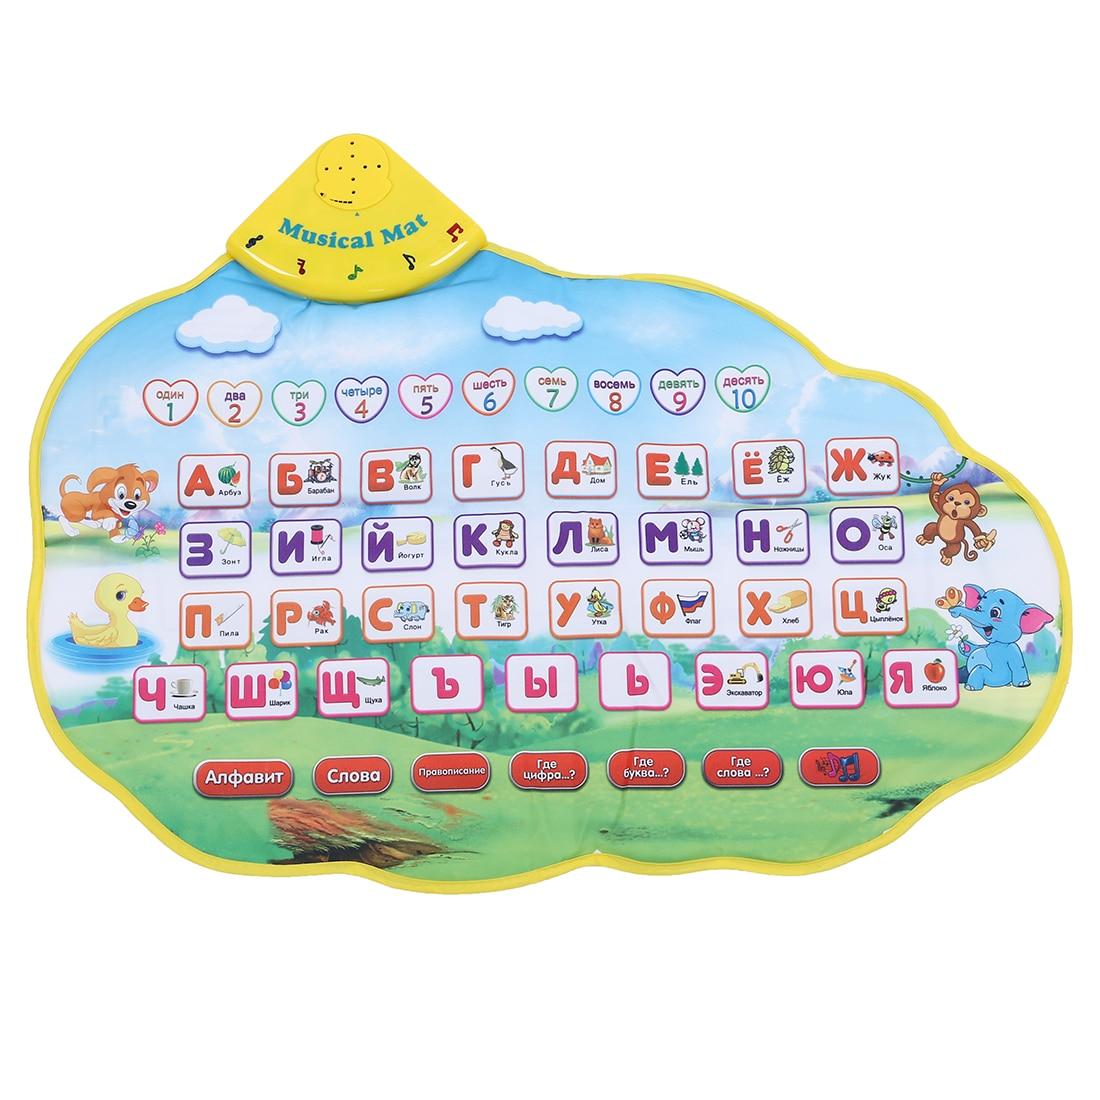 Paquet de 5 tapis d'apprentissage pour enfants jouet en langue russe tapis Alphabet drôle apprentissage éducation phonétique son tapis ABC jouet